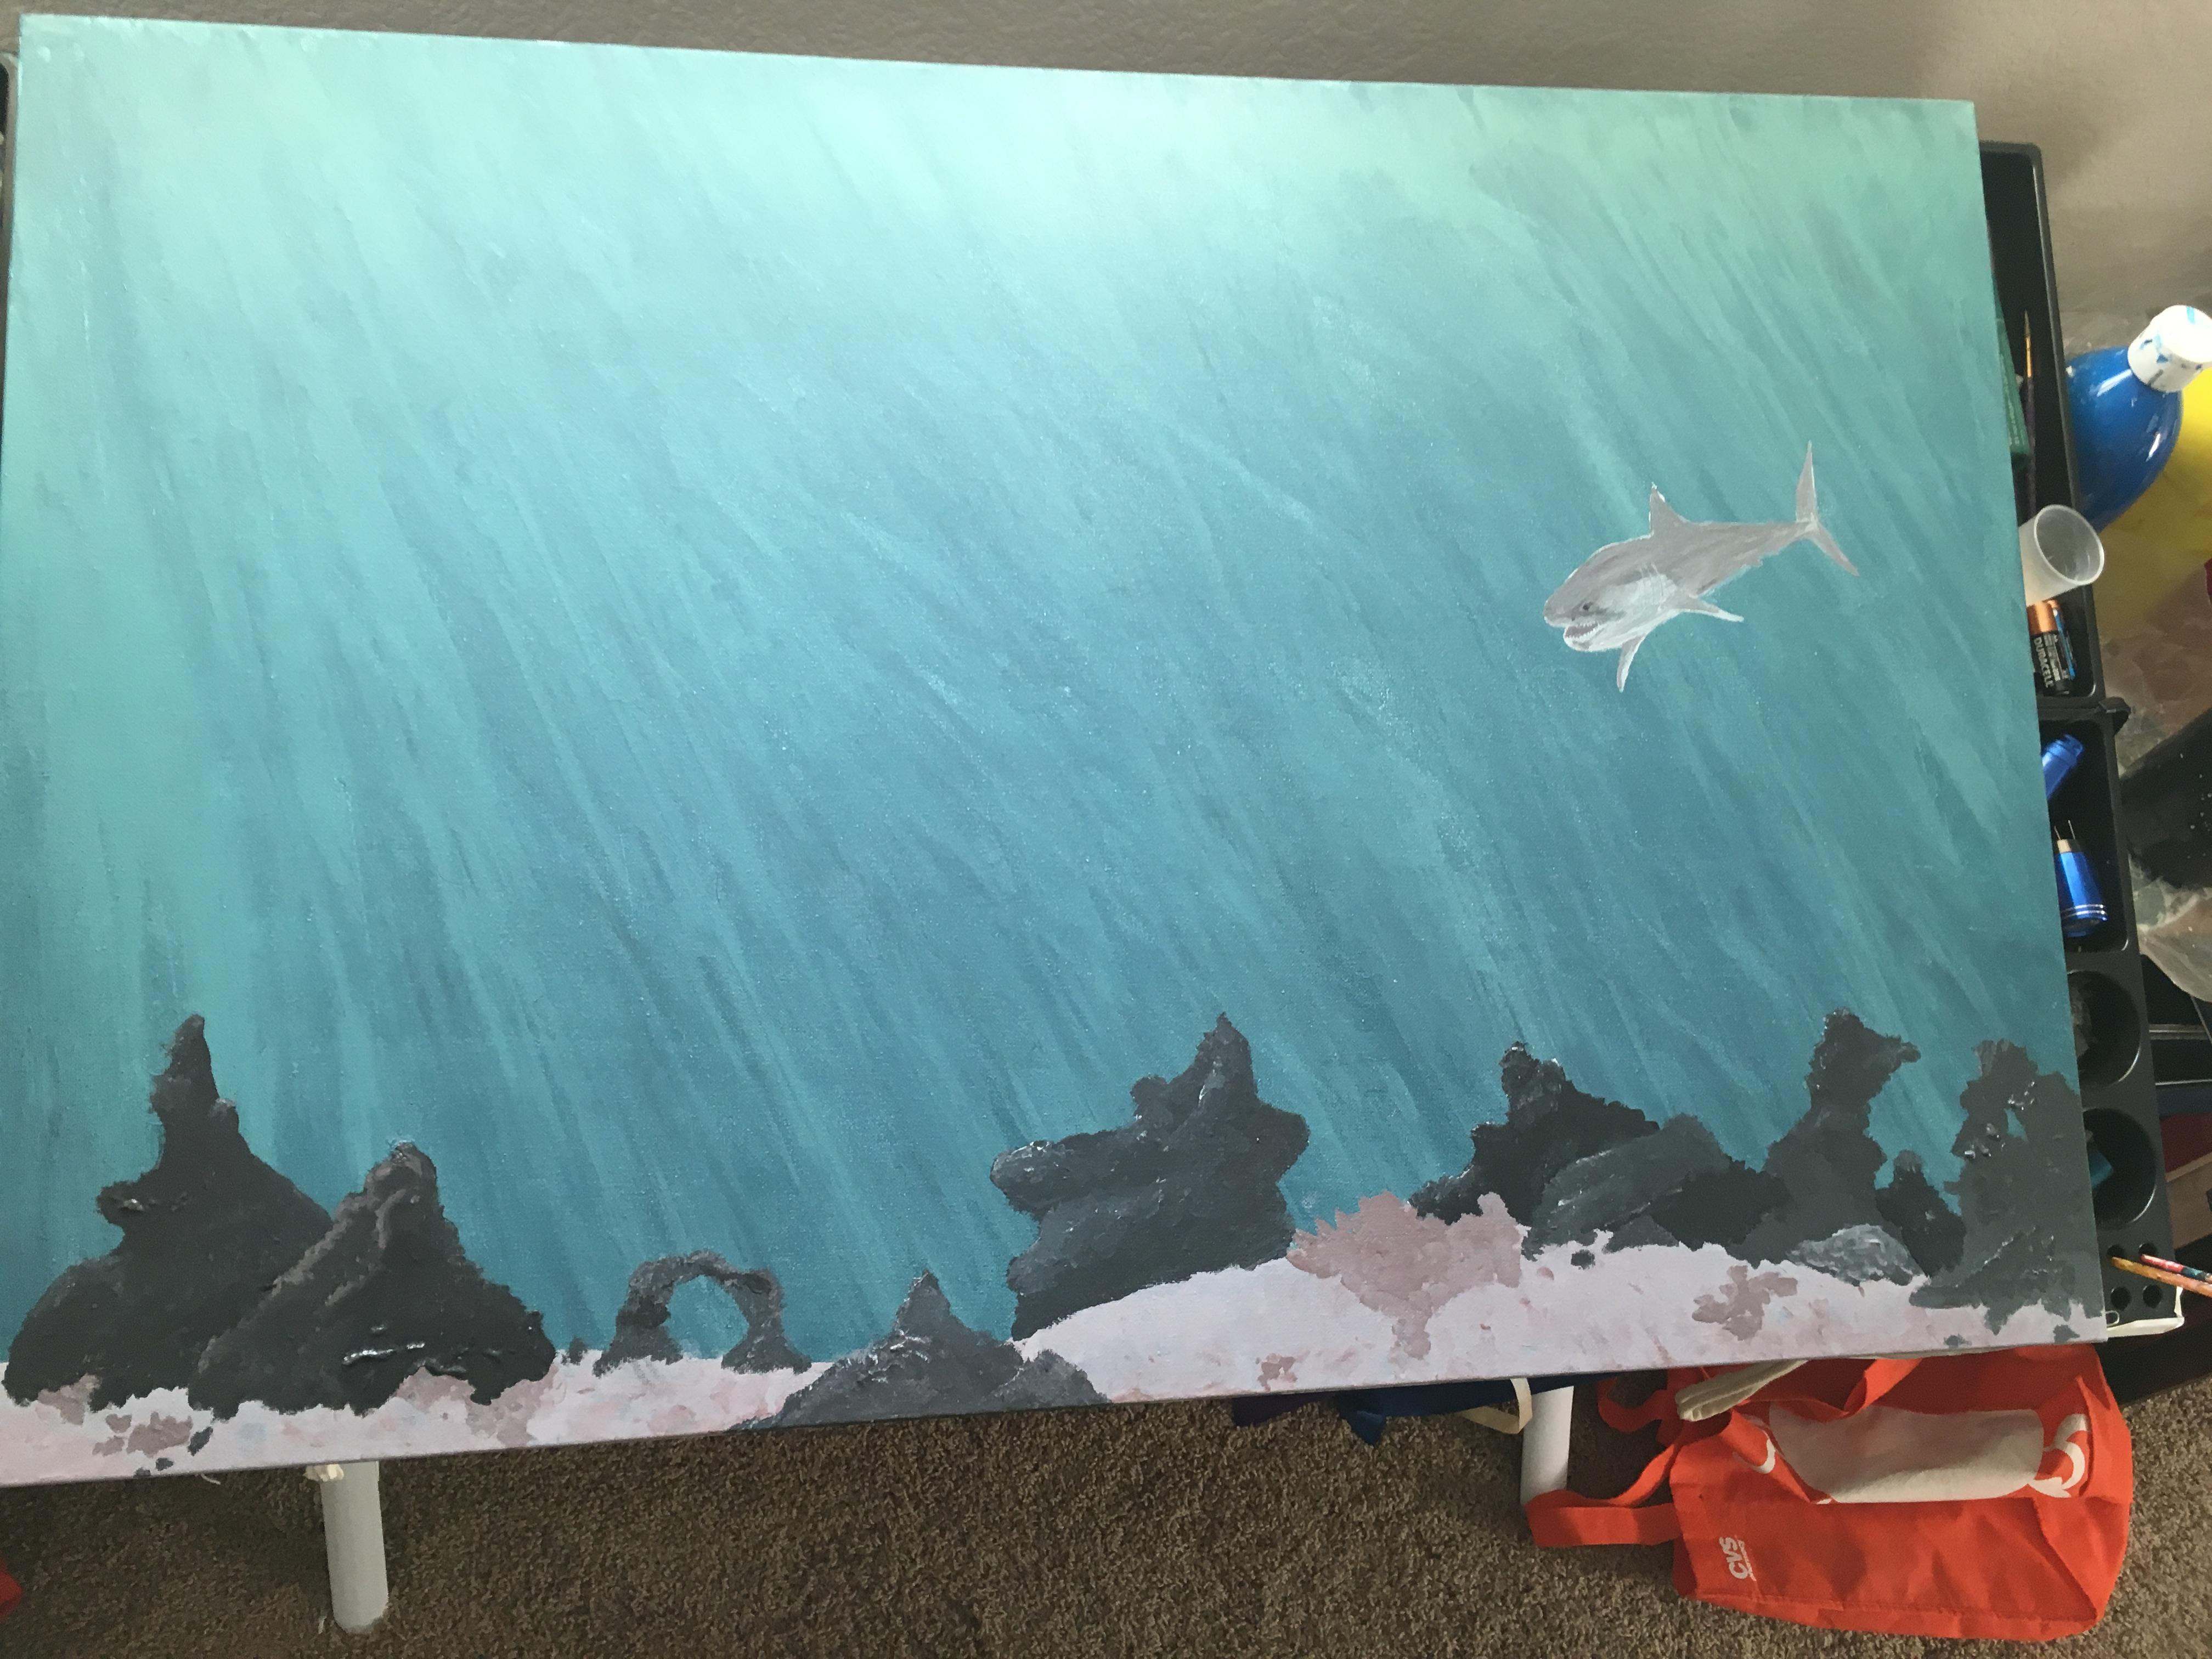 Back ground details of shark